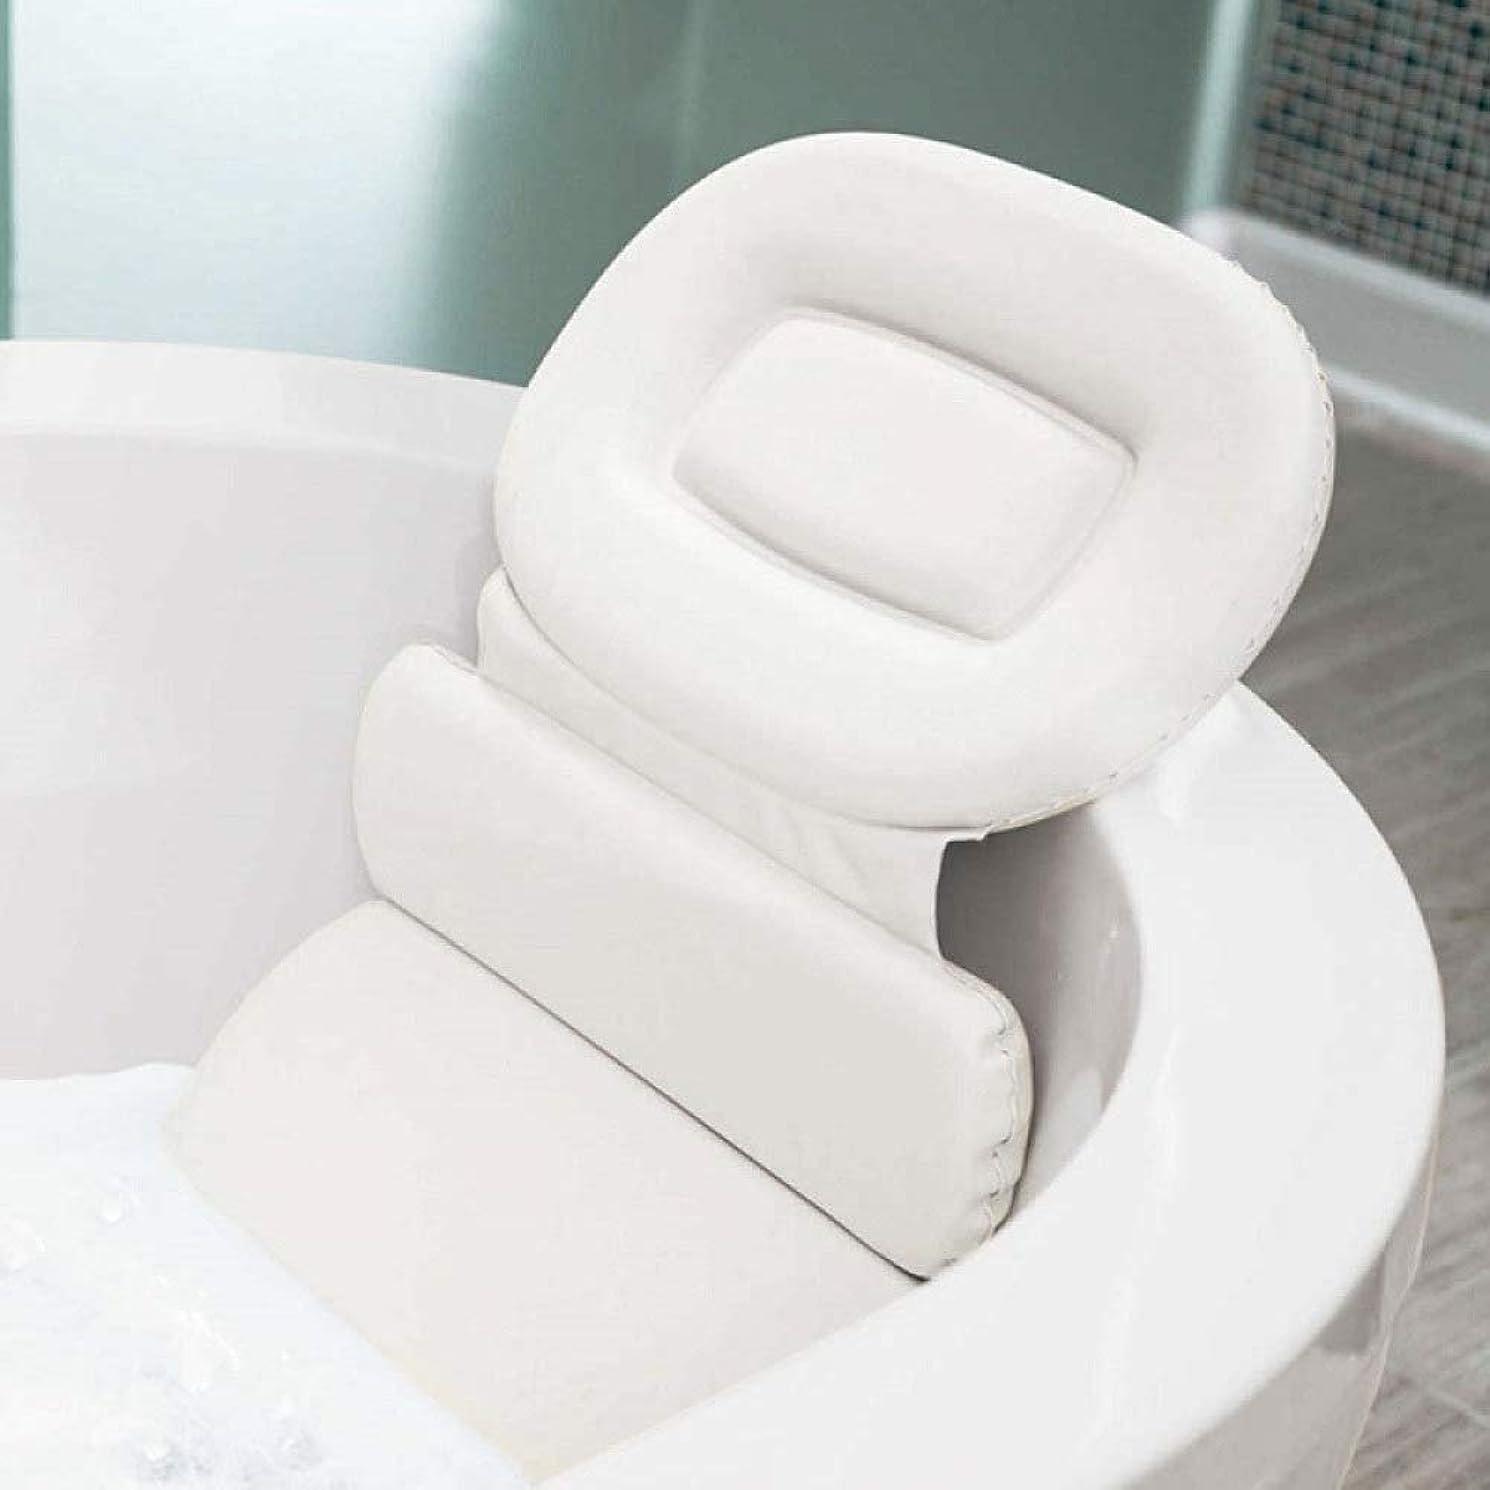 広いトランジスタ肺LMCLJJ 頭、首、肩、背中をサポートする豪華なスパ用バスピロー滑り止め、極太、柔らかく、究極のリラクゼーション体験のためにどんな浴槽にもフィット